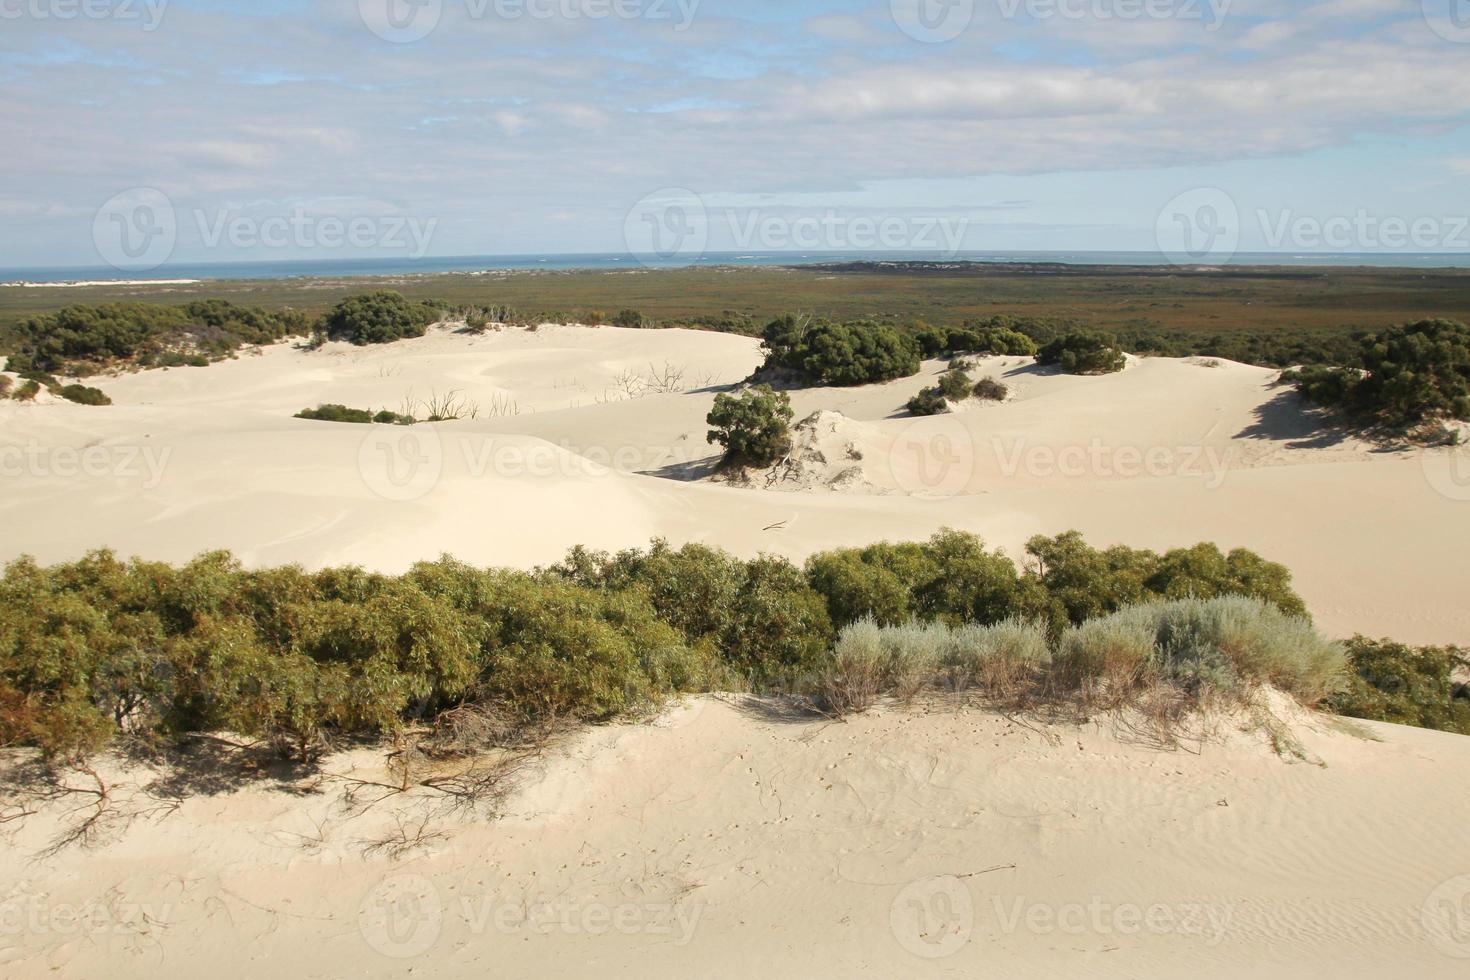 il deserto foto